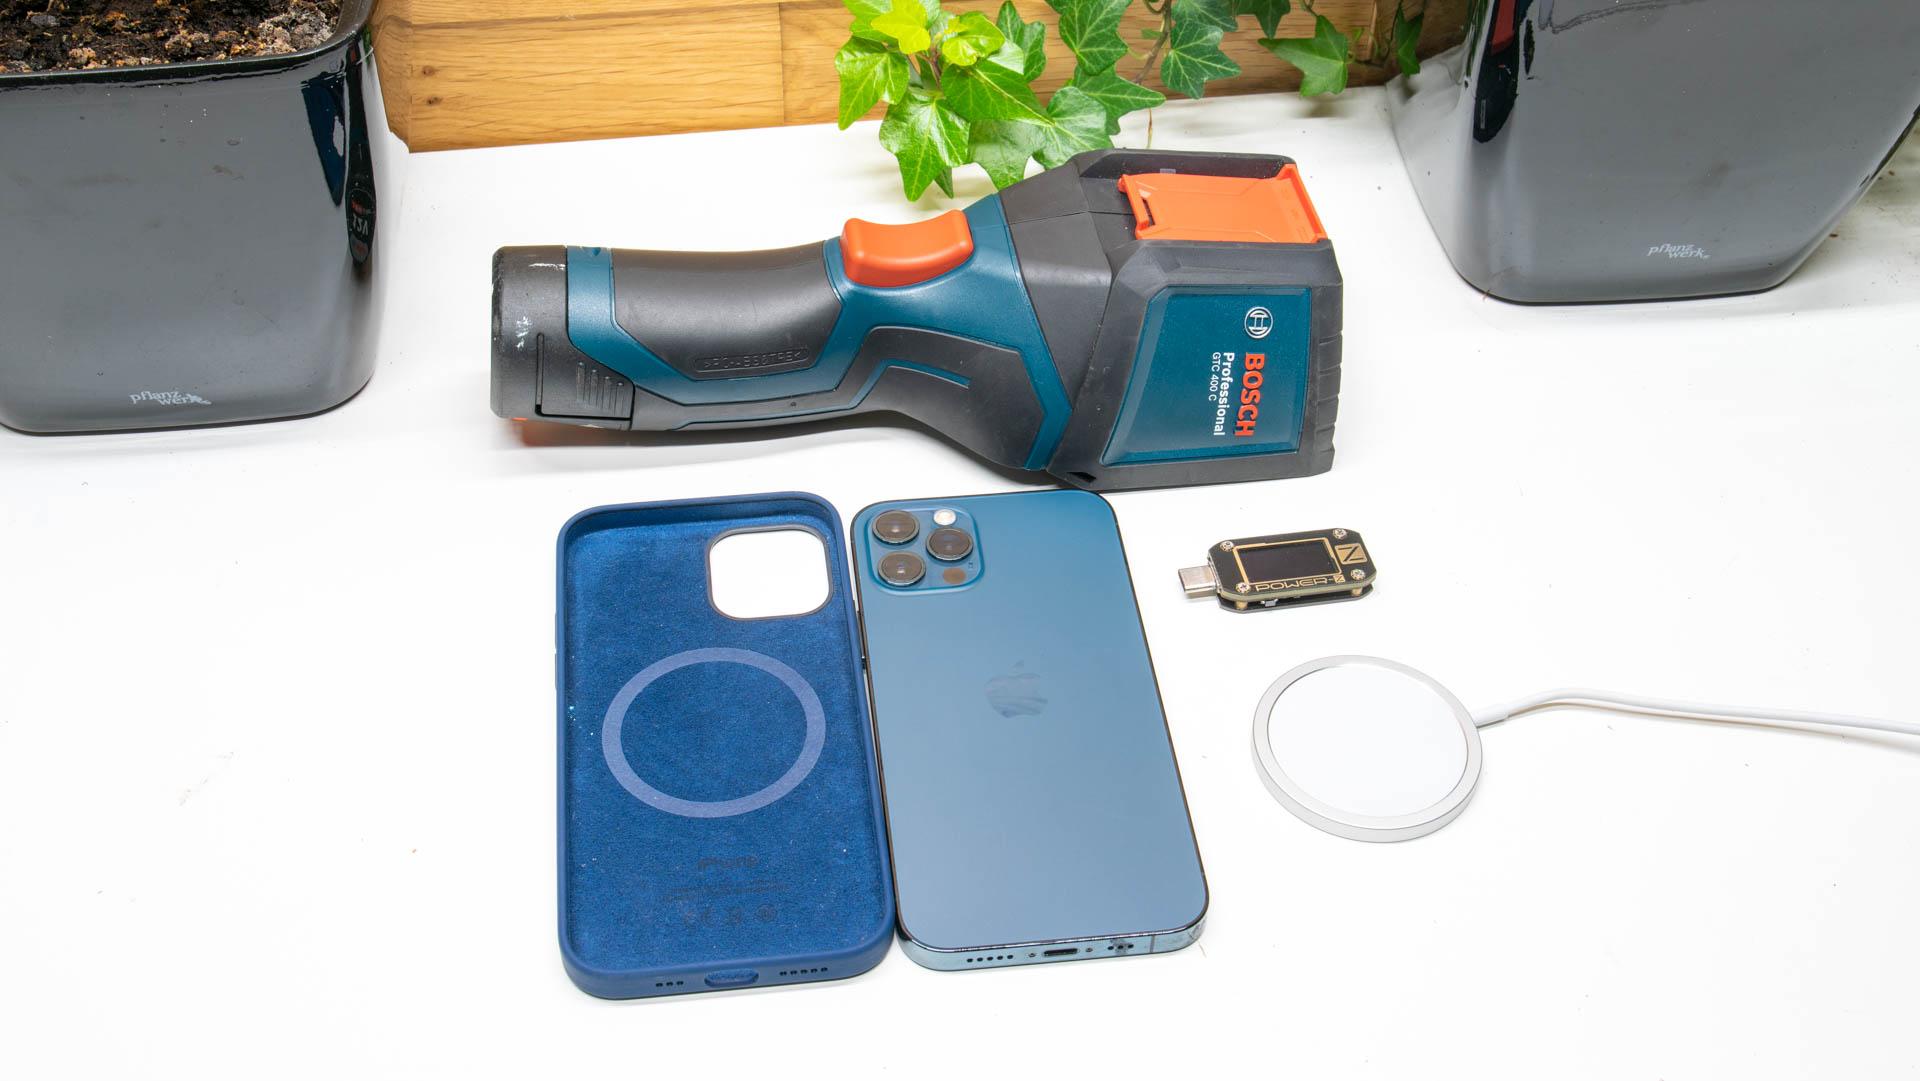 Reduziert das Silikon Case mit MagSafe das kabellose Ladetempo des iPhone 12 Pro?